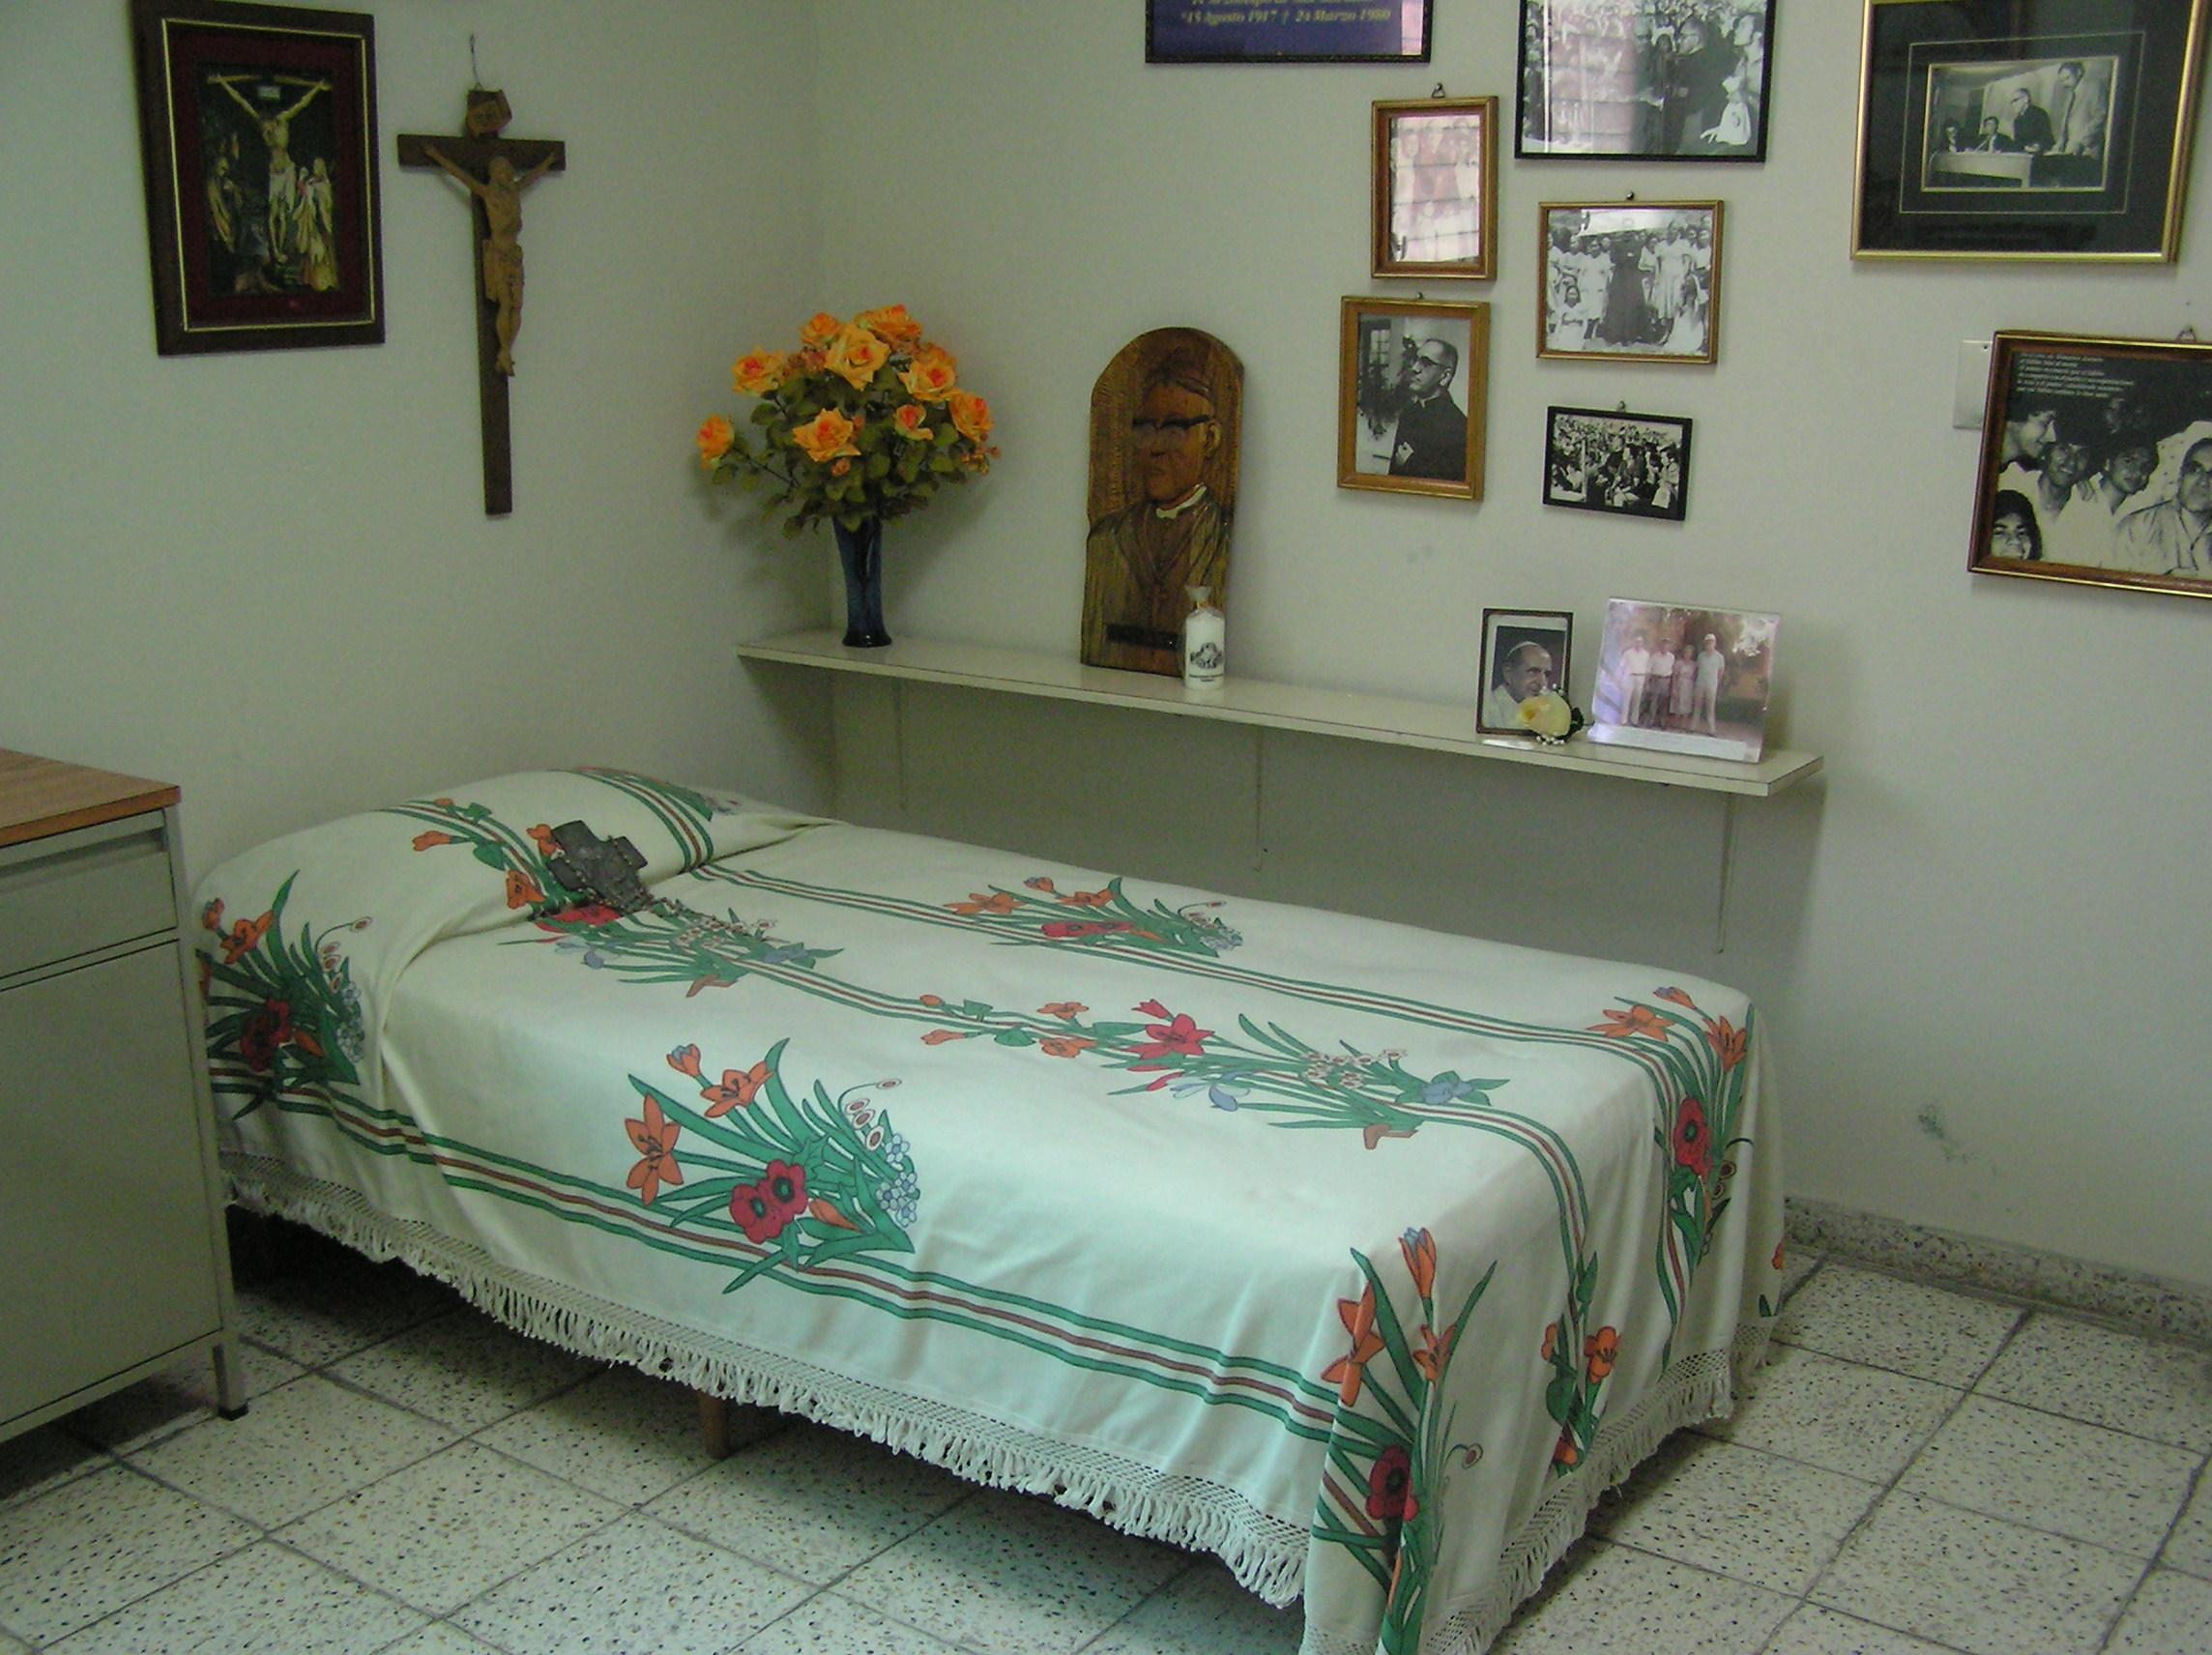 Oscar Romero's room